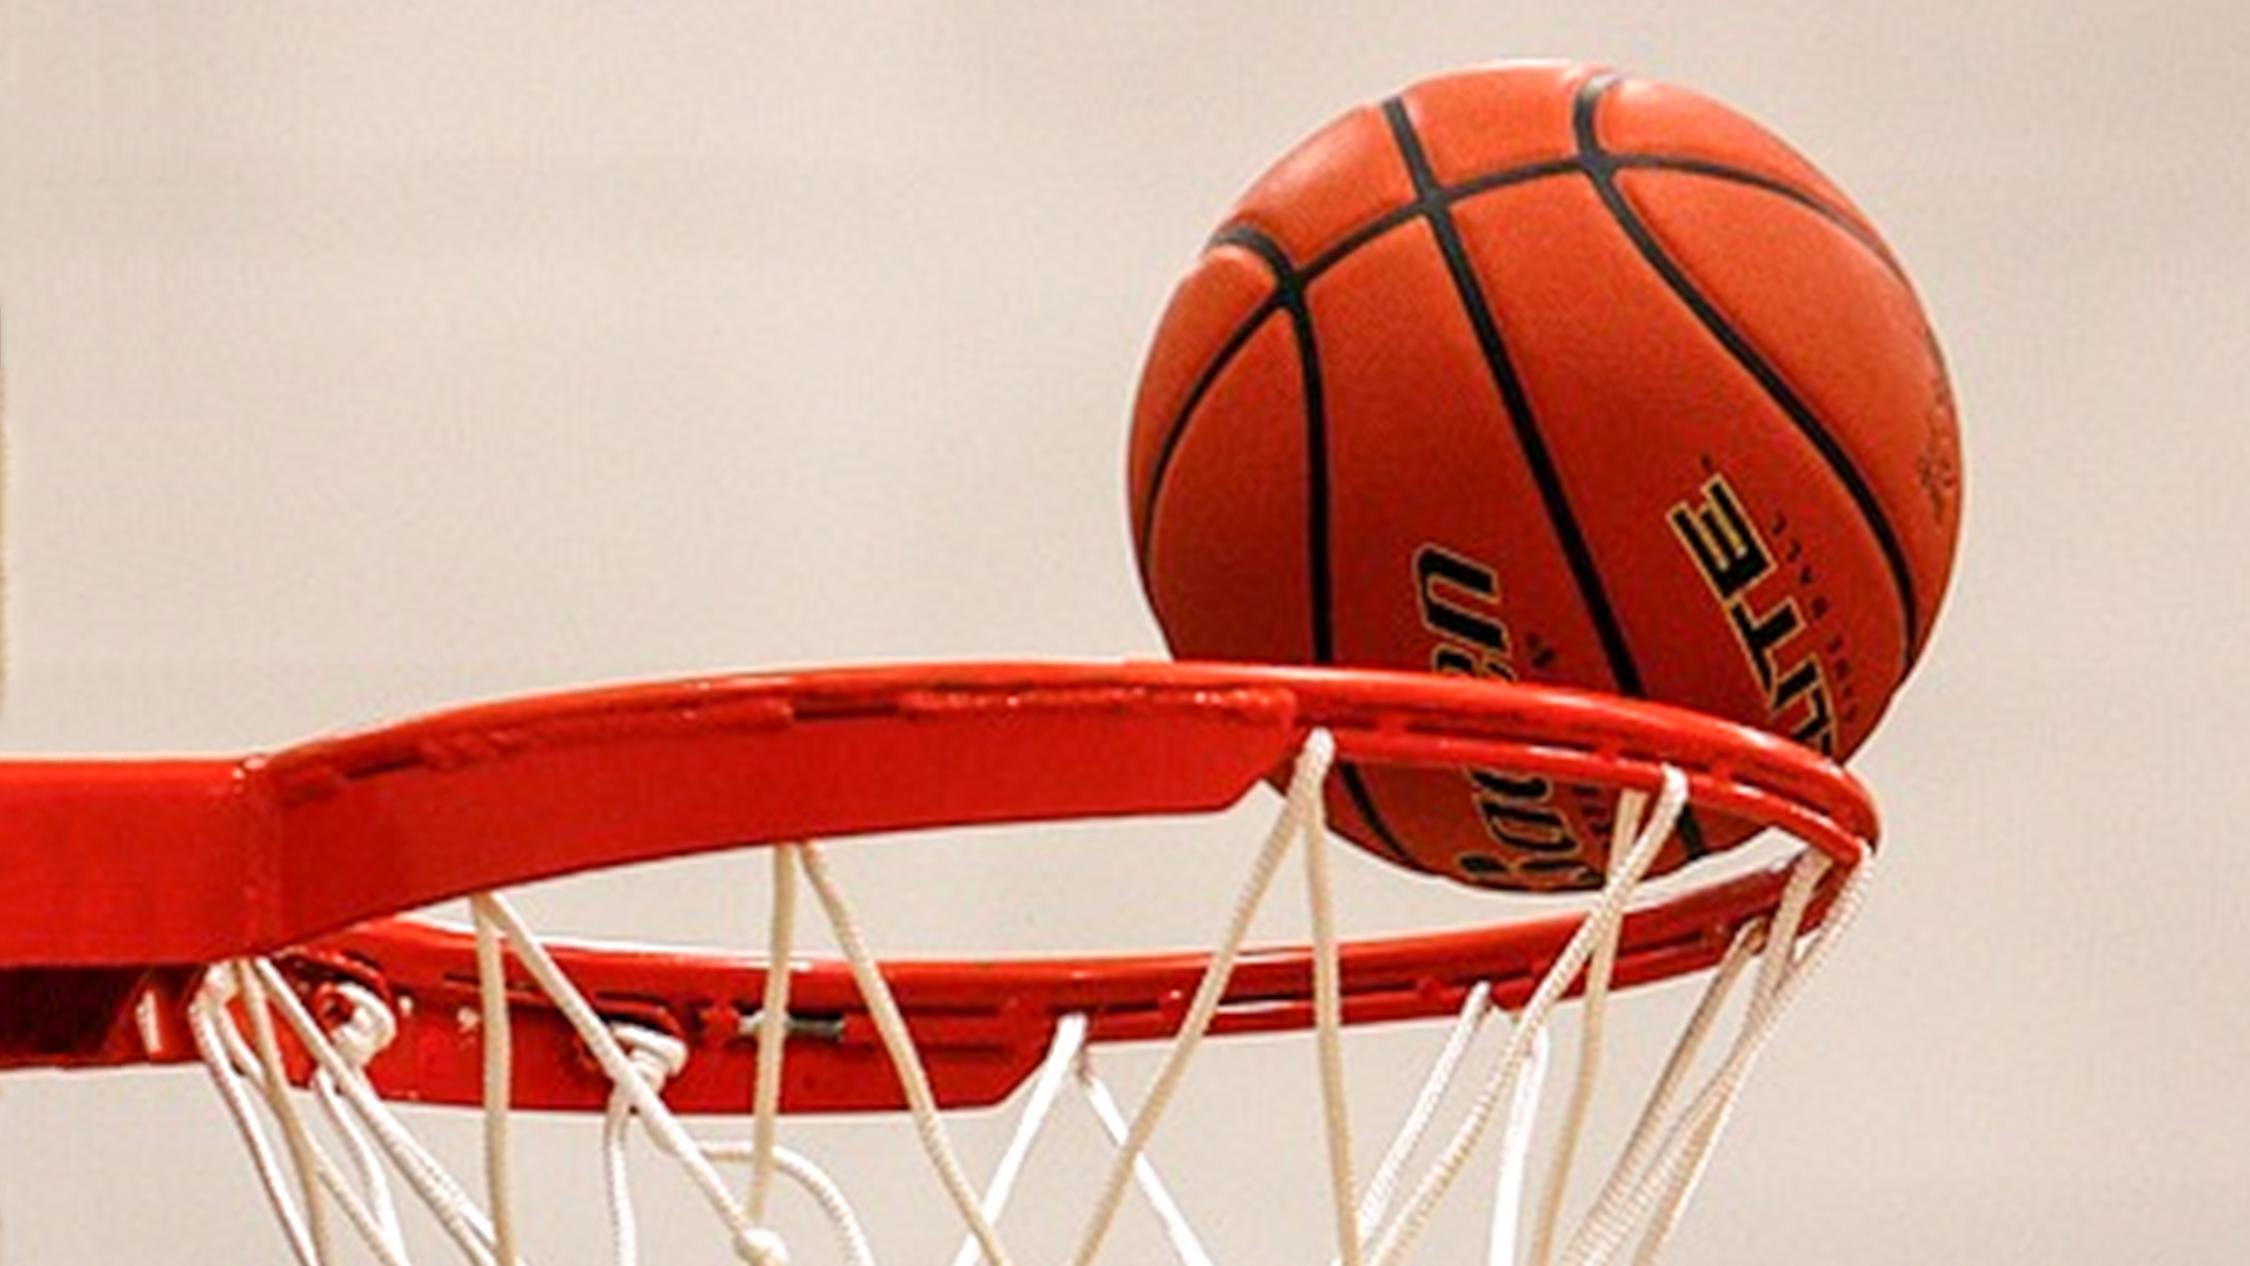 Boomerangs vs USA Basketball